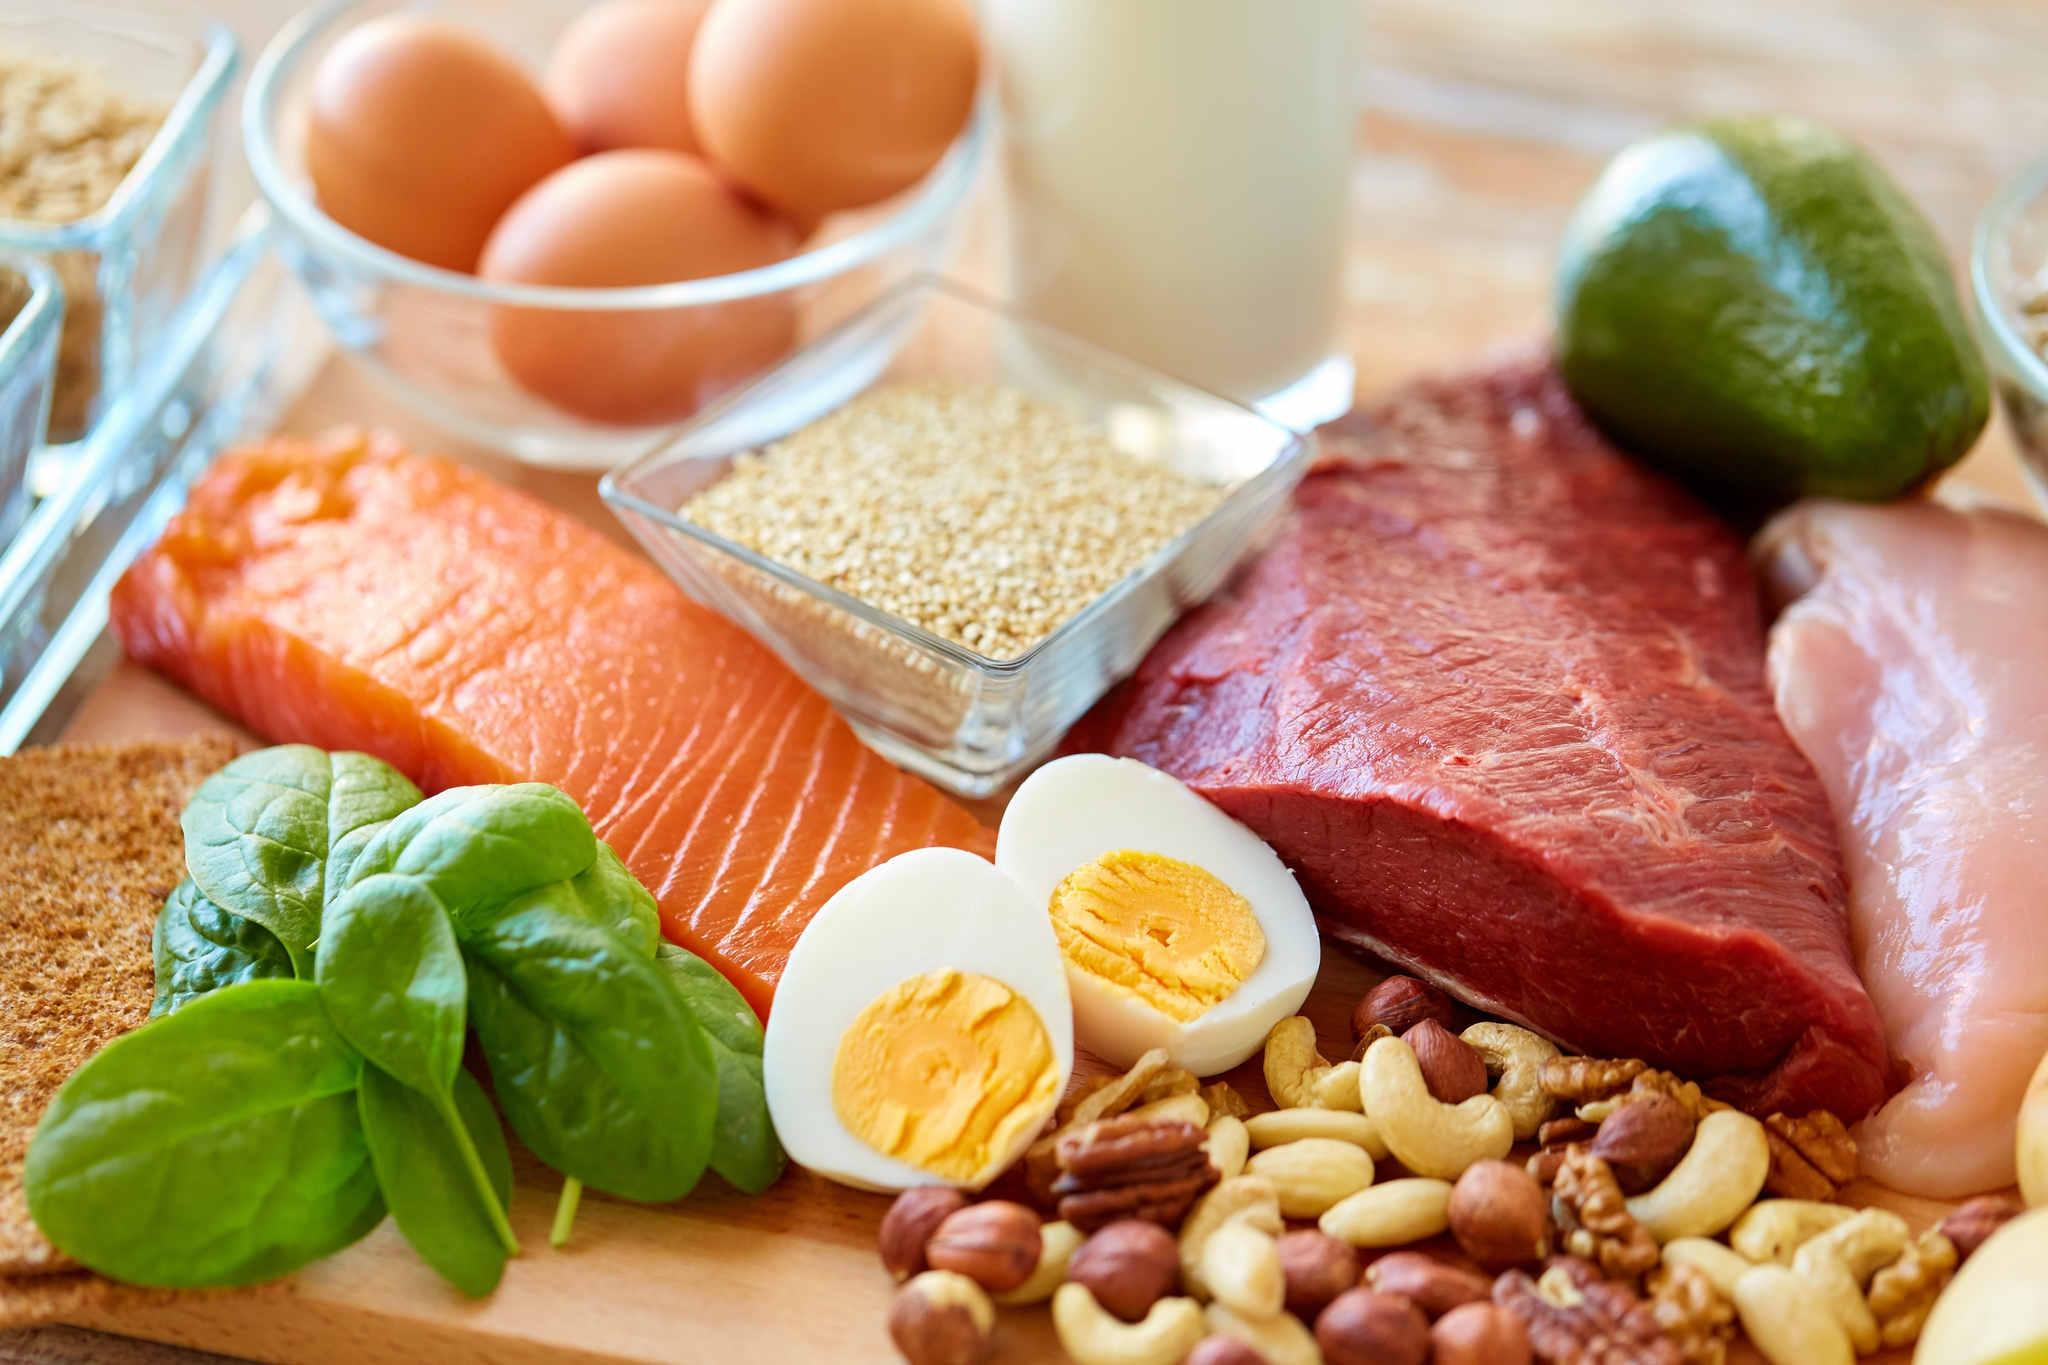 et ve diğer protein ürünleri, ramazan diyeti nasıl yapılır